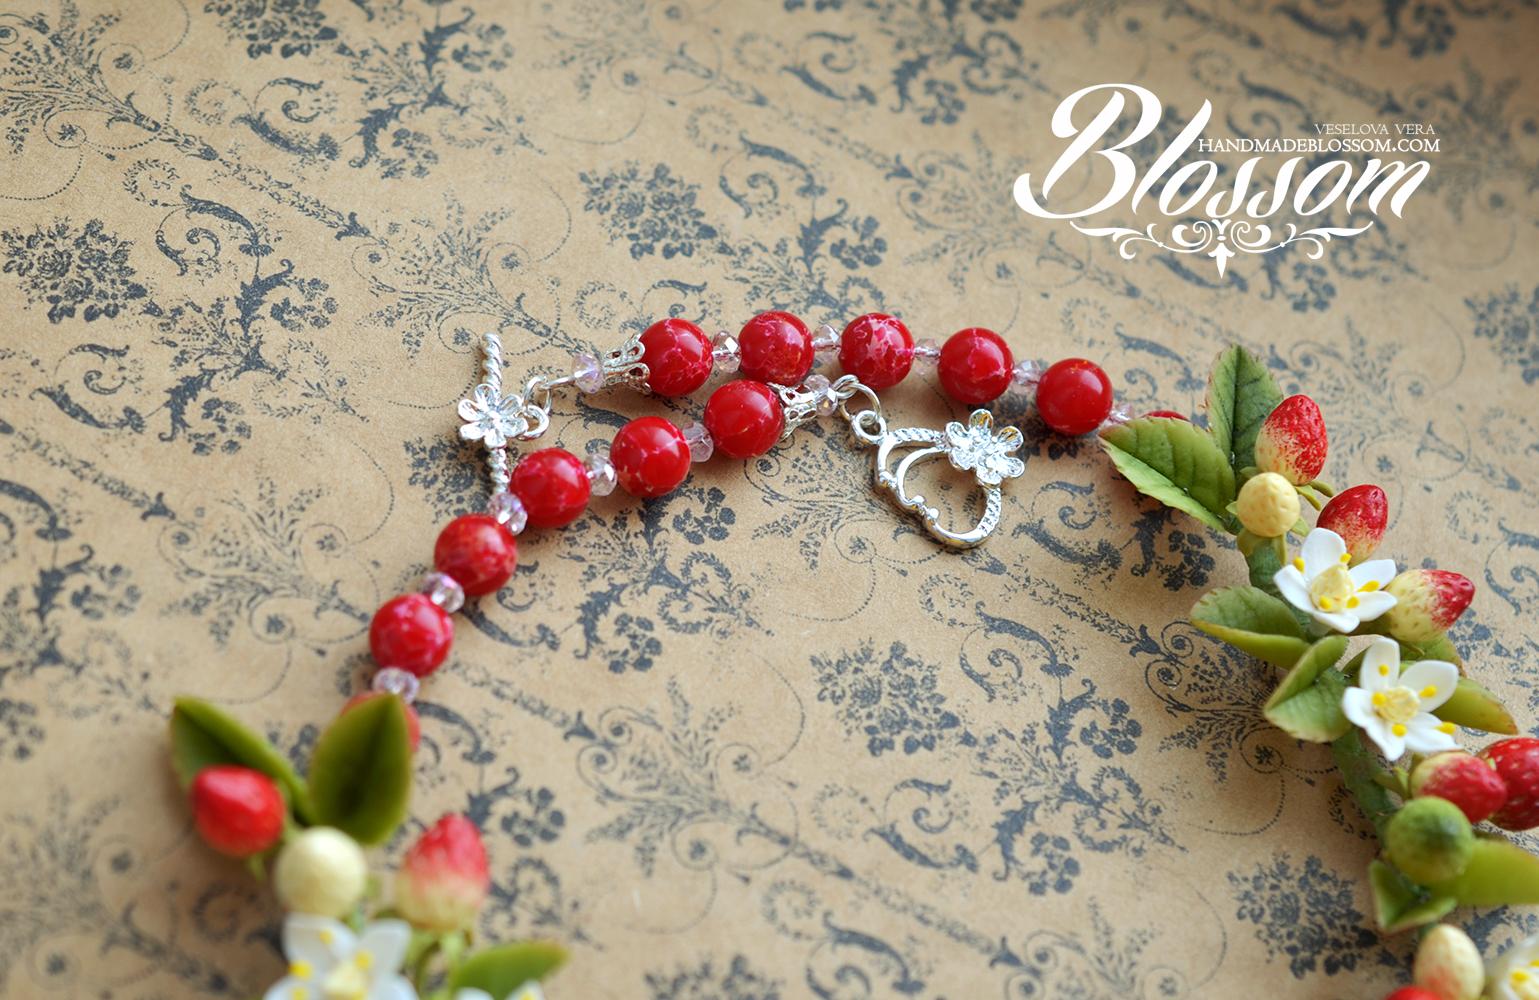 Колье с ягодами, колье из полимерной глины, фимо, клубника, земляника, колье с цветами, цветы, ягоды, лето, летнее колье, украшения, handmade, polymer clay, fimo, berry, strawberry, berries